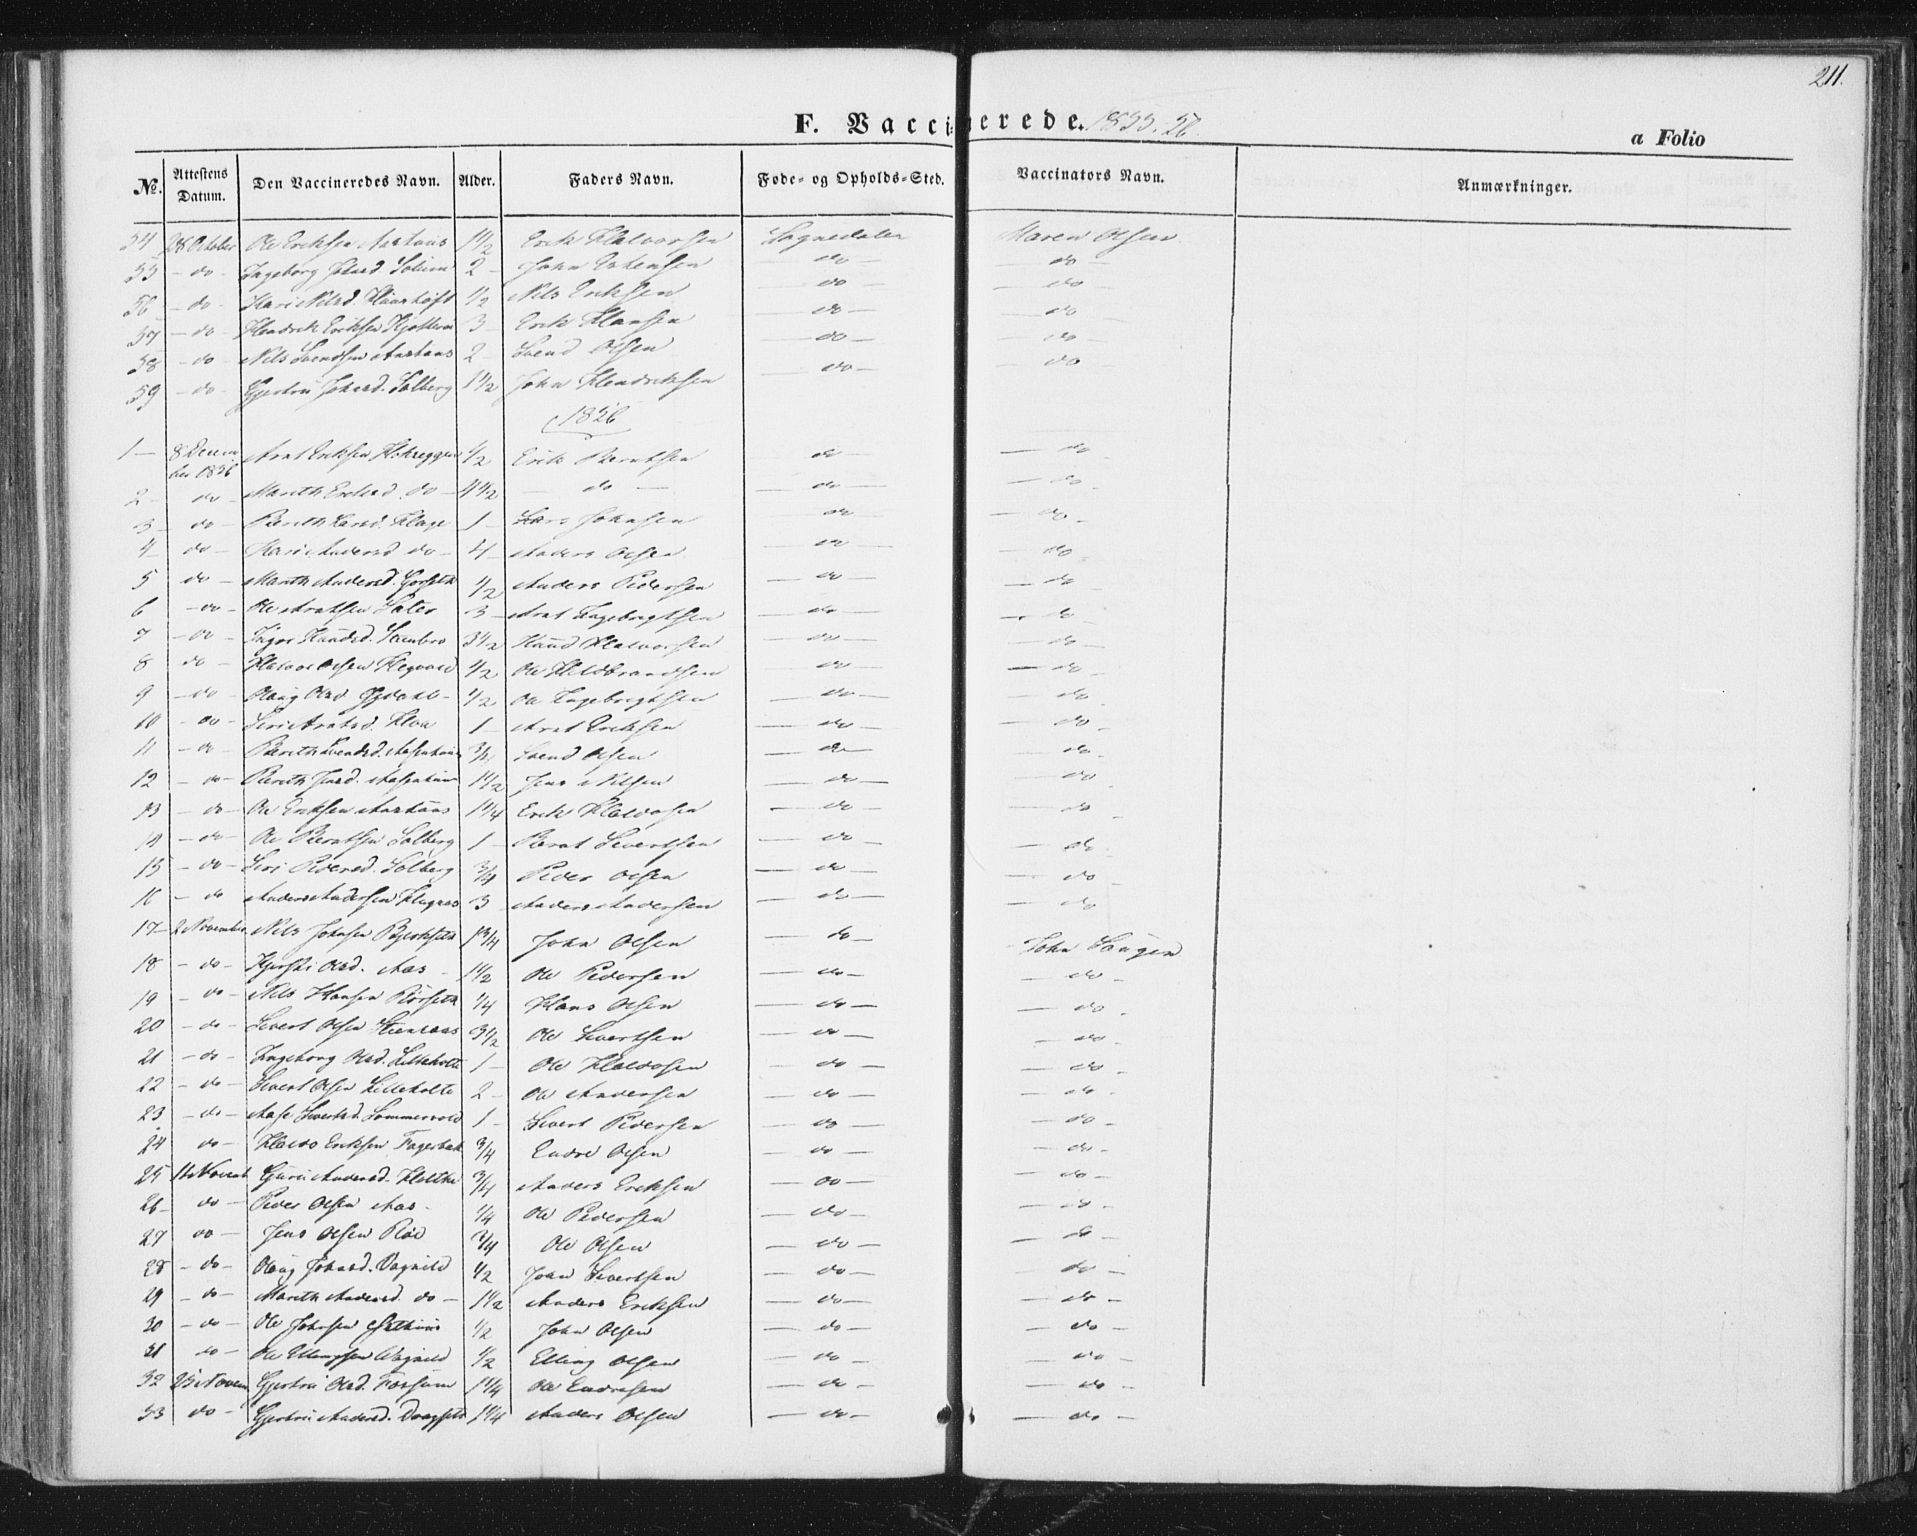 SAT, Ministerialprotokoller, klokkerbøker og fødselsregistre - Sør-Trøndelag, 689/L1038: Ministerialbok nr. 689A03, 1848-1872, s. 211